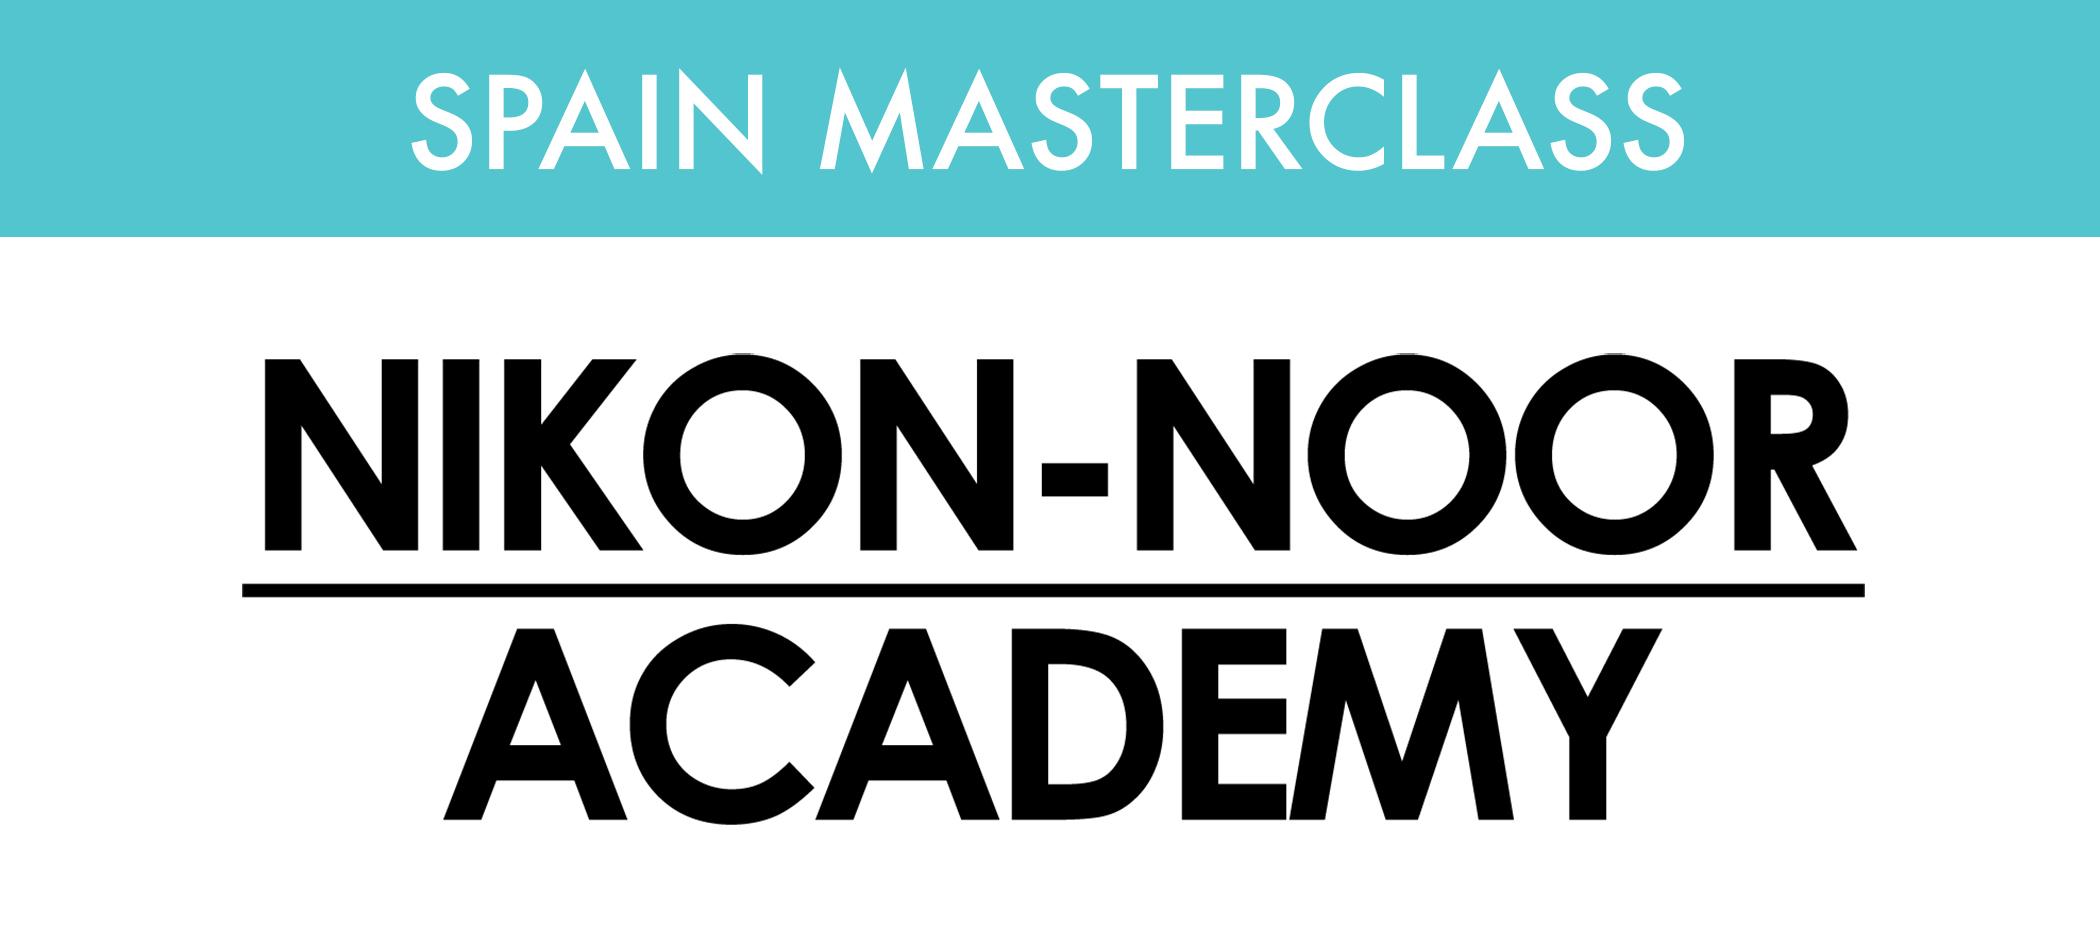 Nikon-NOOR Academy Spain.jpg